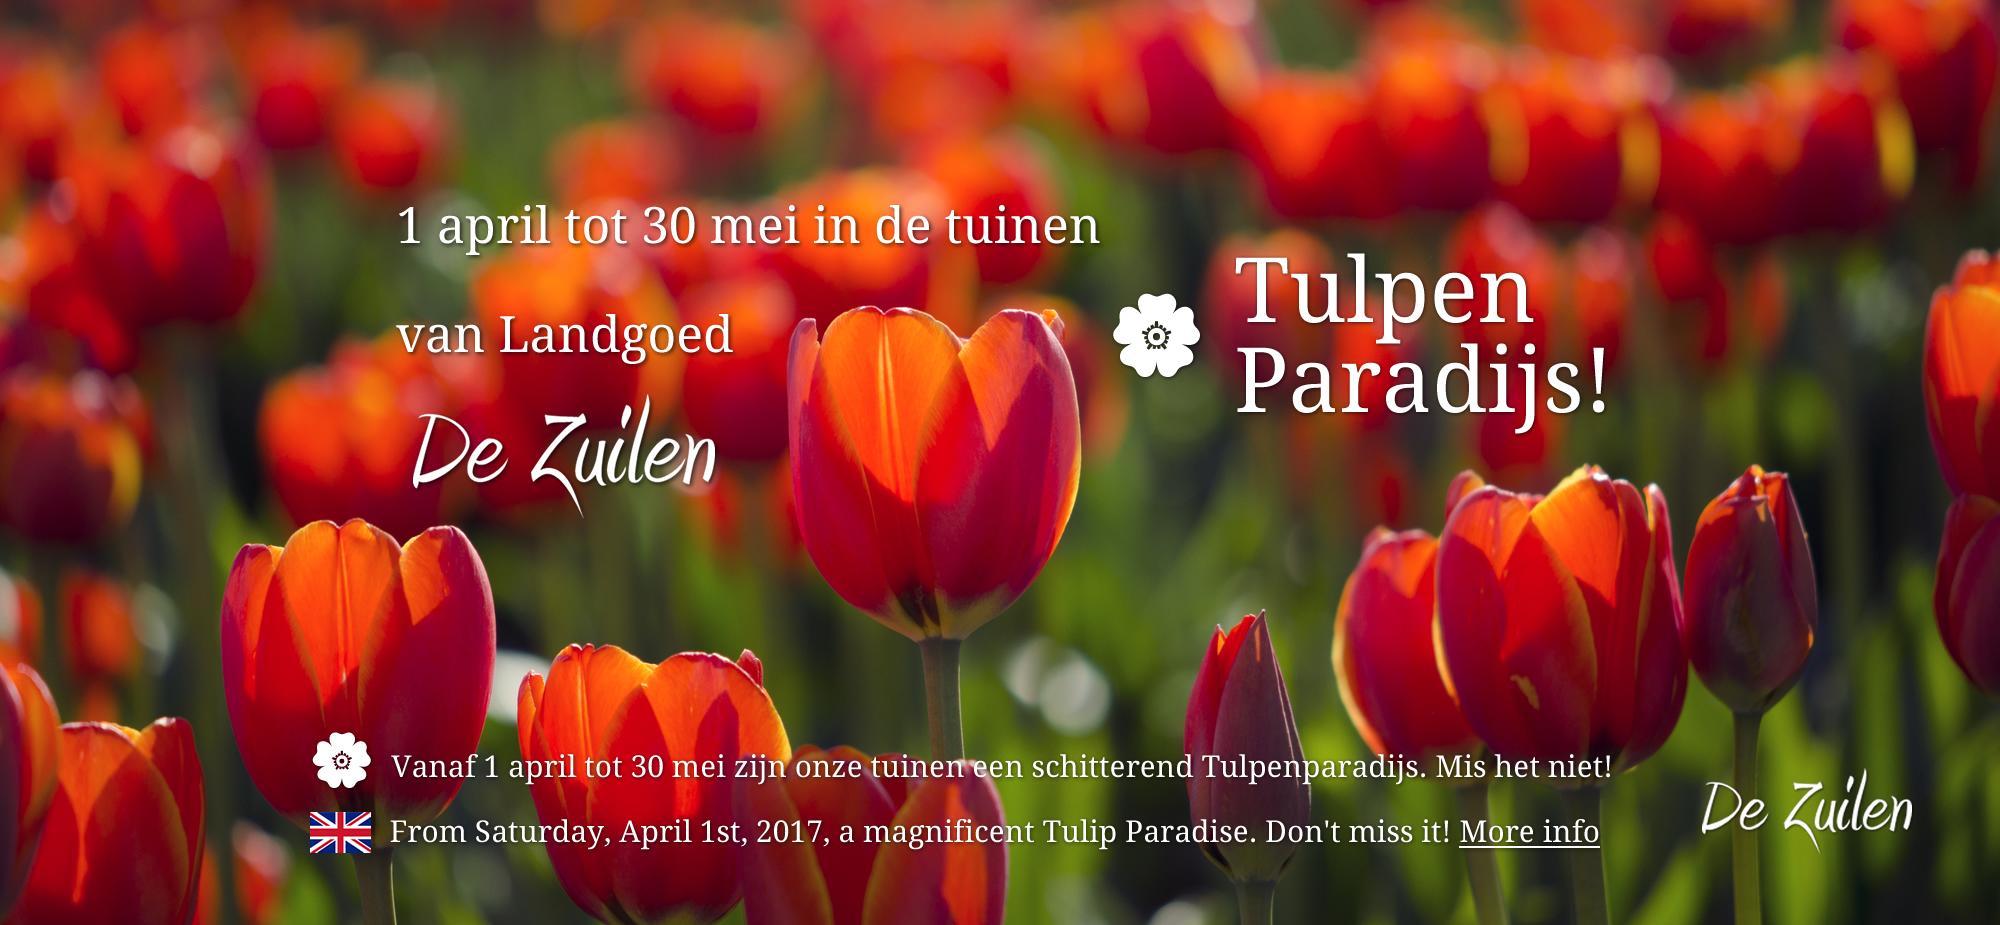 Tulpenparadijs De Zuilen Hillegom